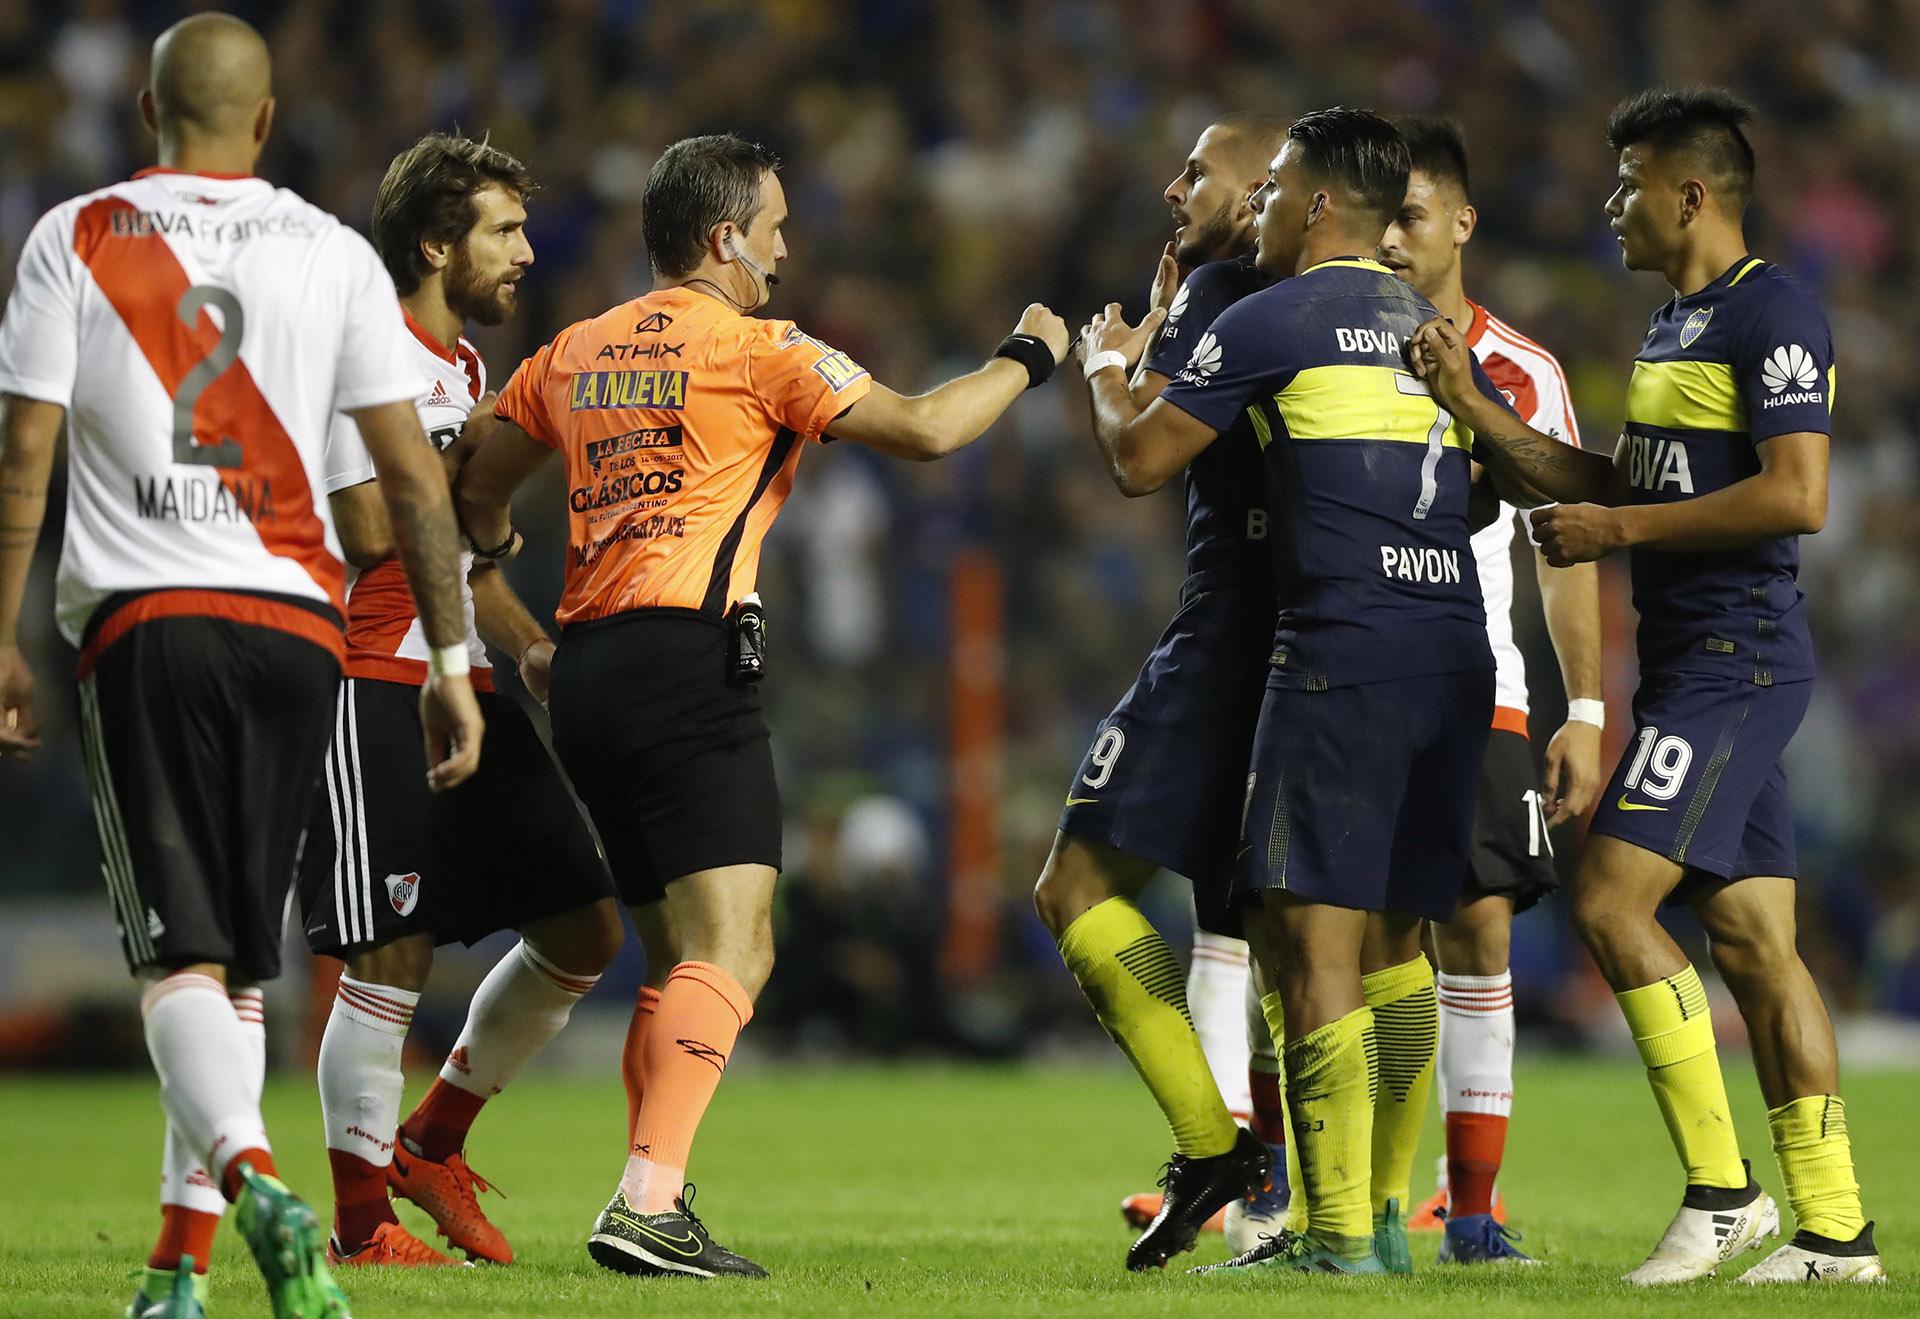 El arbitro Patricio Lousteau reprende al jugador de Boca Dario Benedetto, mientras sus compañeros lo contienen